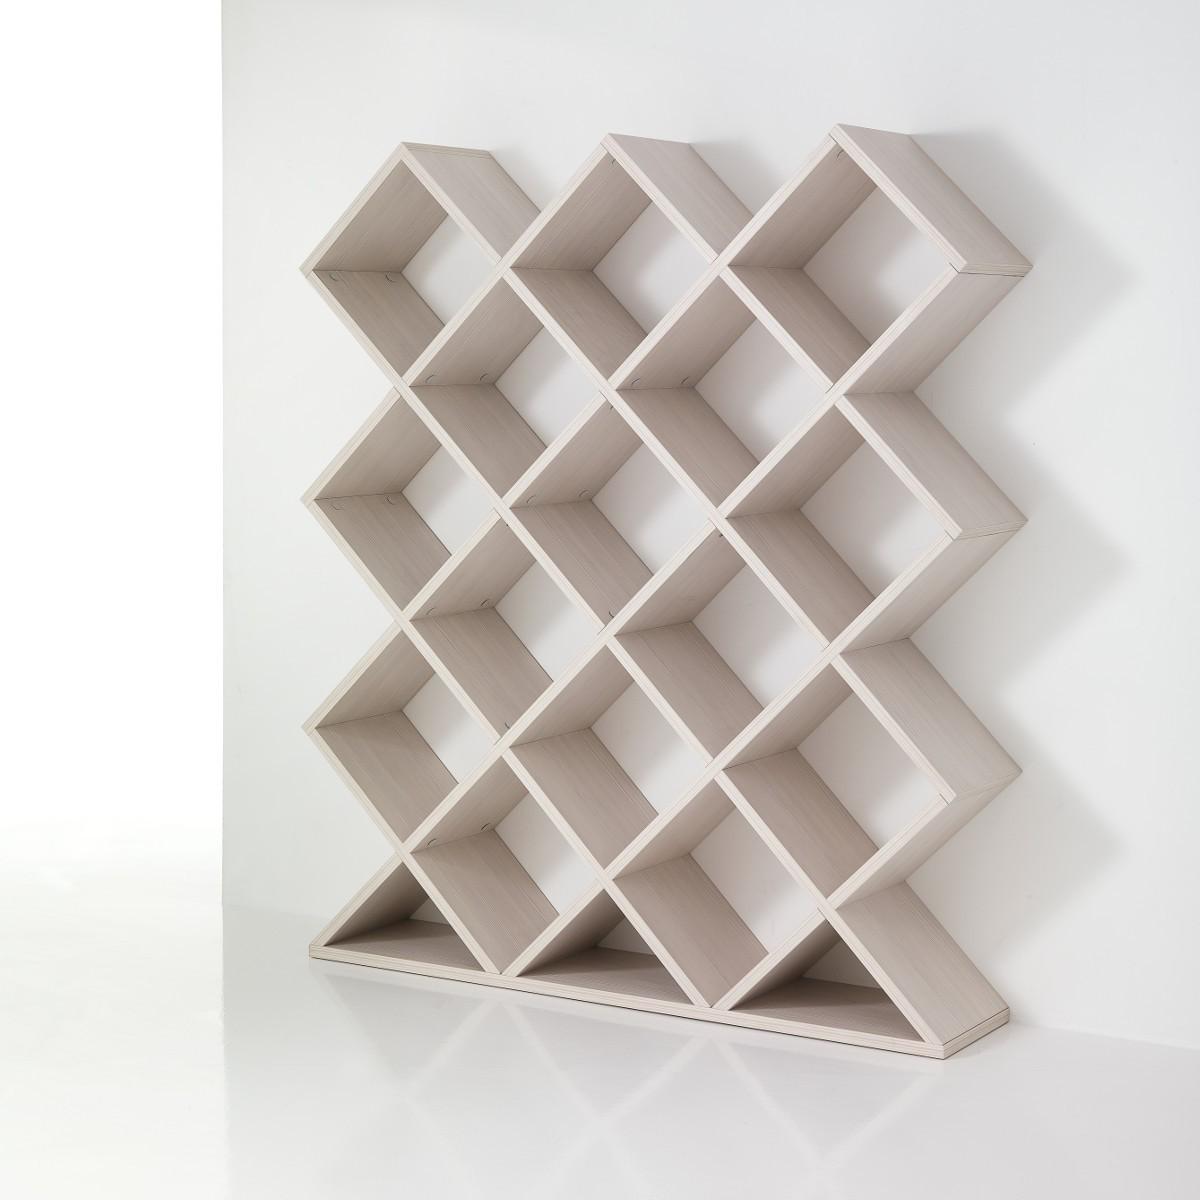 Libreria separa ambienti mynest in legno bianco 140 x 160 cm for Scaffali libreria in legno